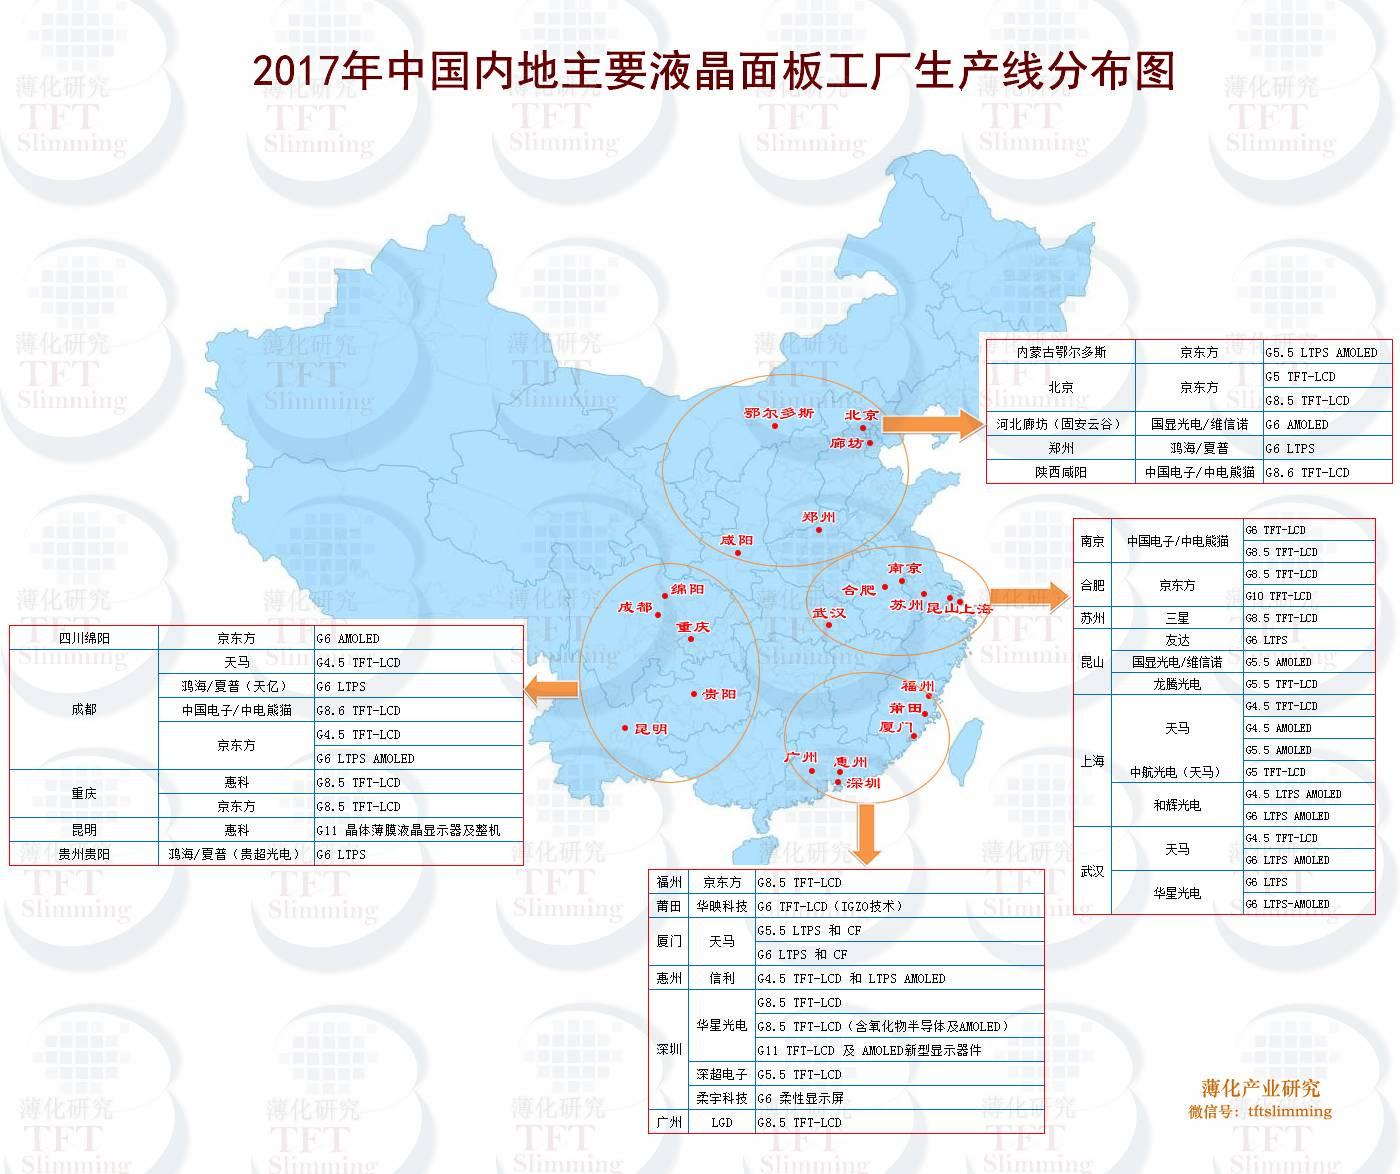 2017国内新增面板生产线盘点:13条,投资4500亿